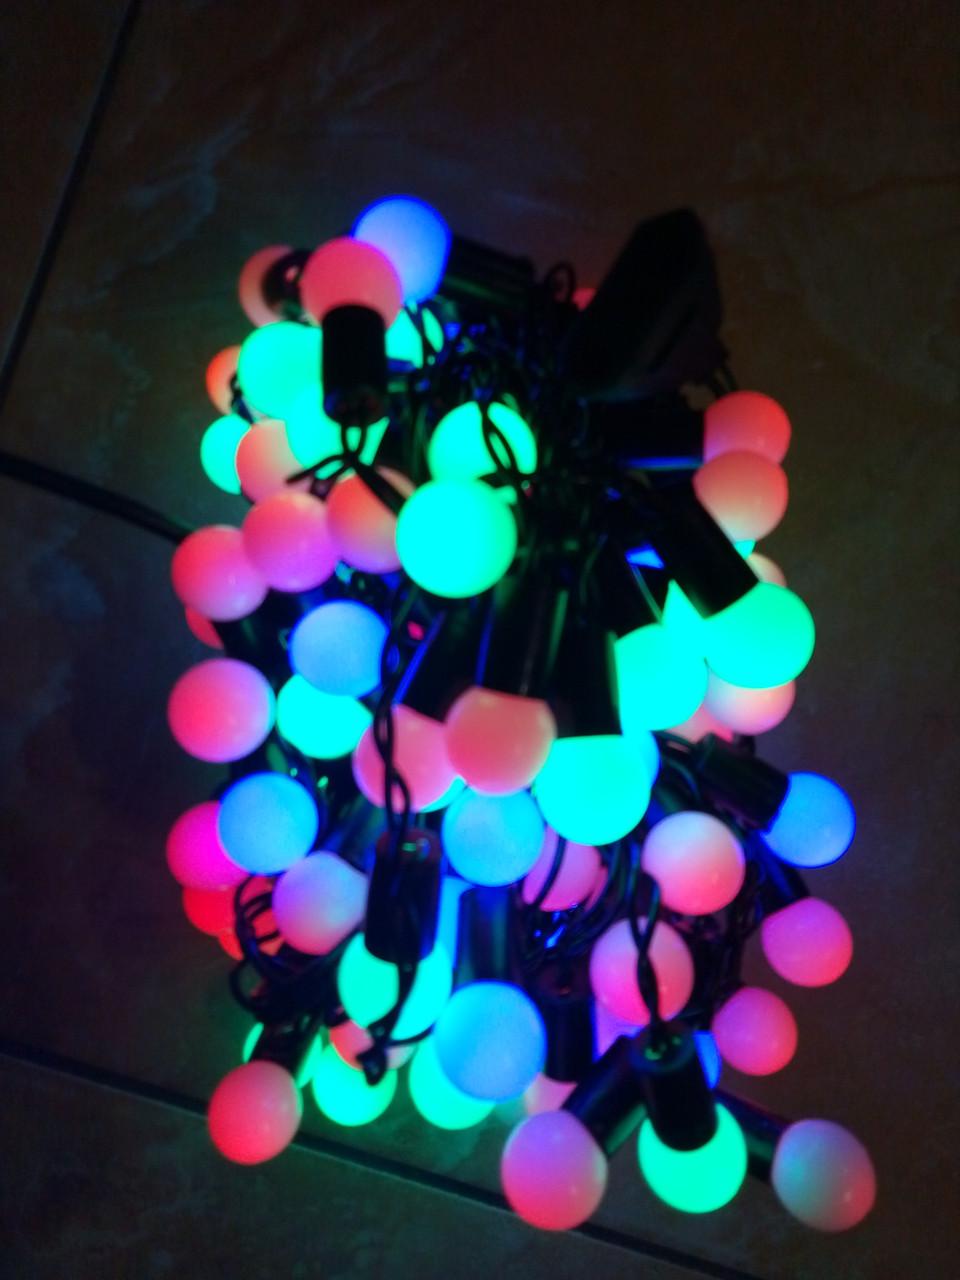 Новогодняя светодиодная УЛИЧНАЯ гирлянда ШТОРА-ДОЖДИК 120LED 3м*0.5м  мультиколор RB/RG